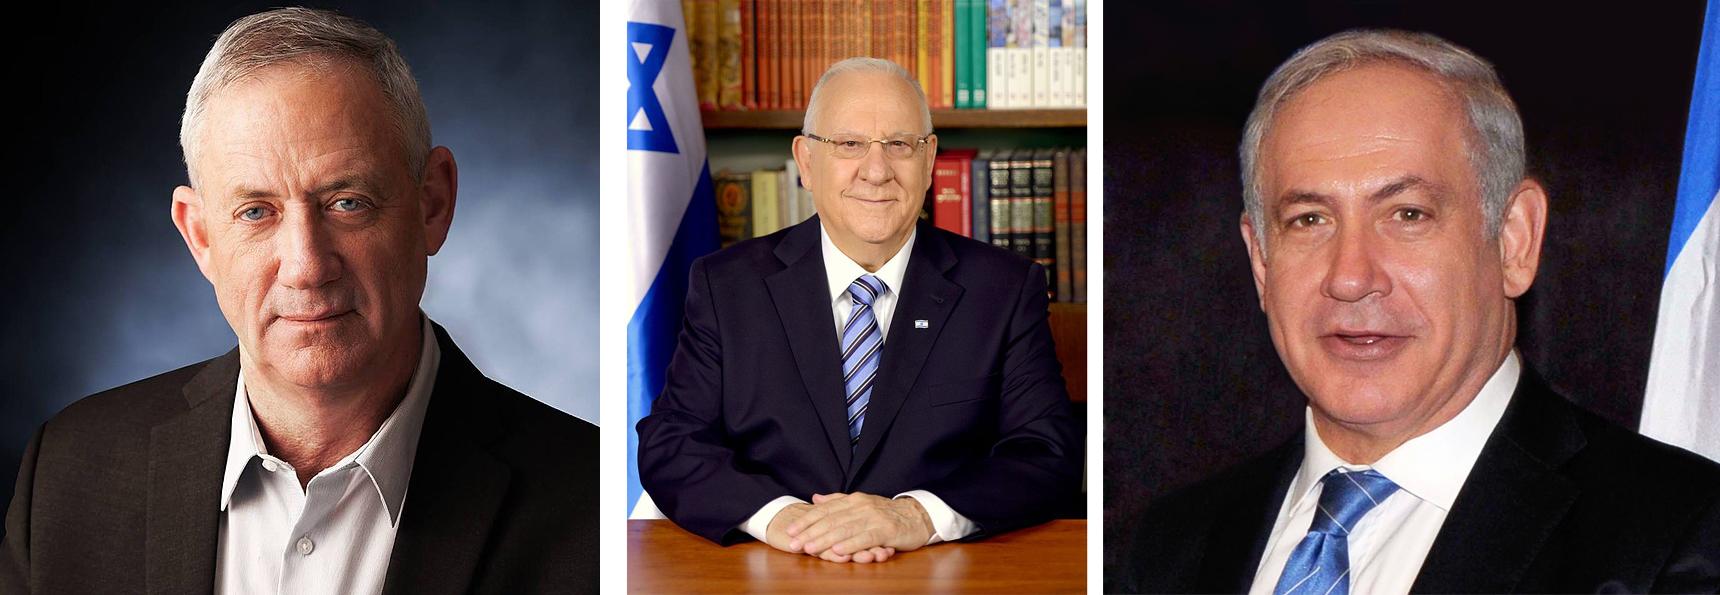 A Jérusalem, les négociations sont en cours pour un gouvernement d'union nationale